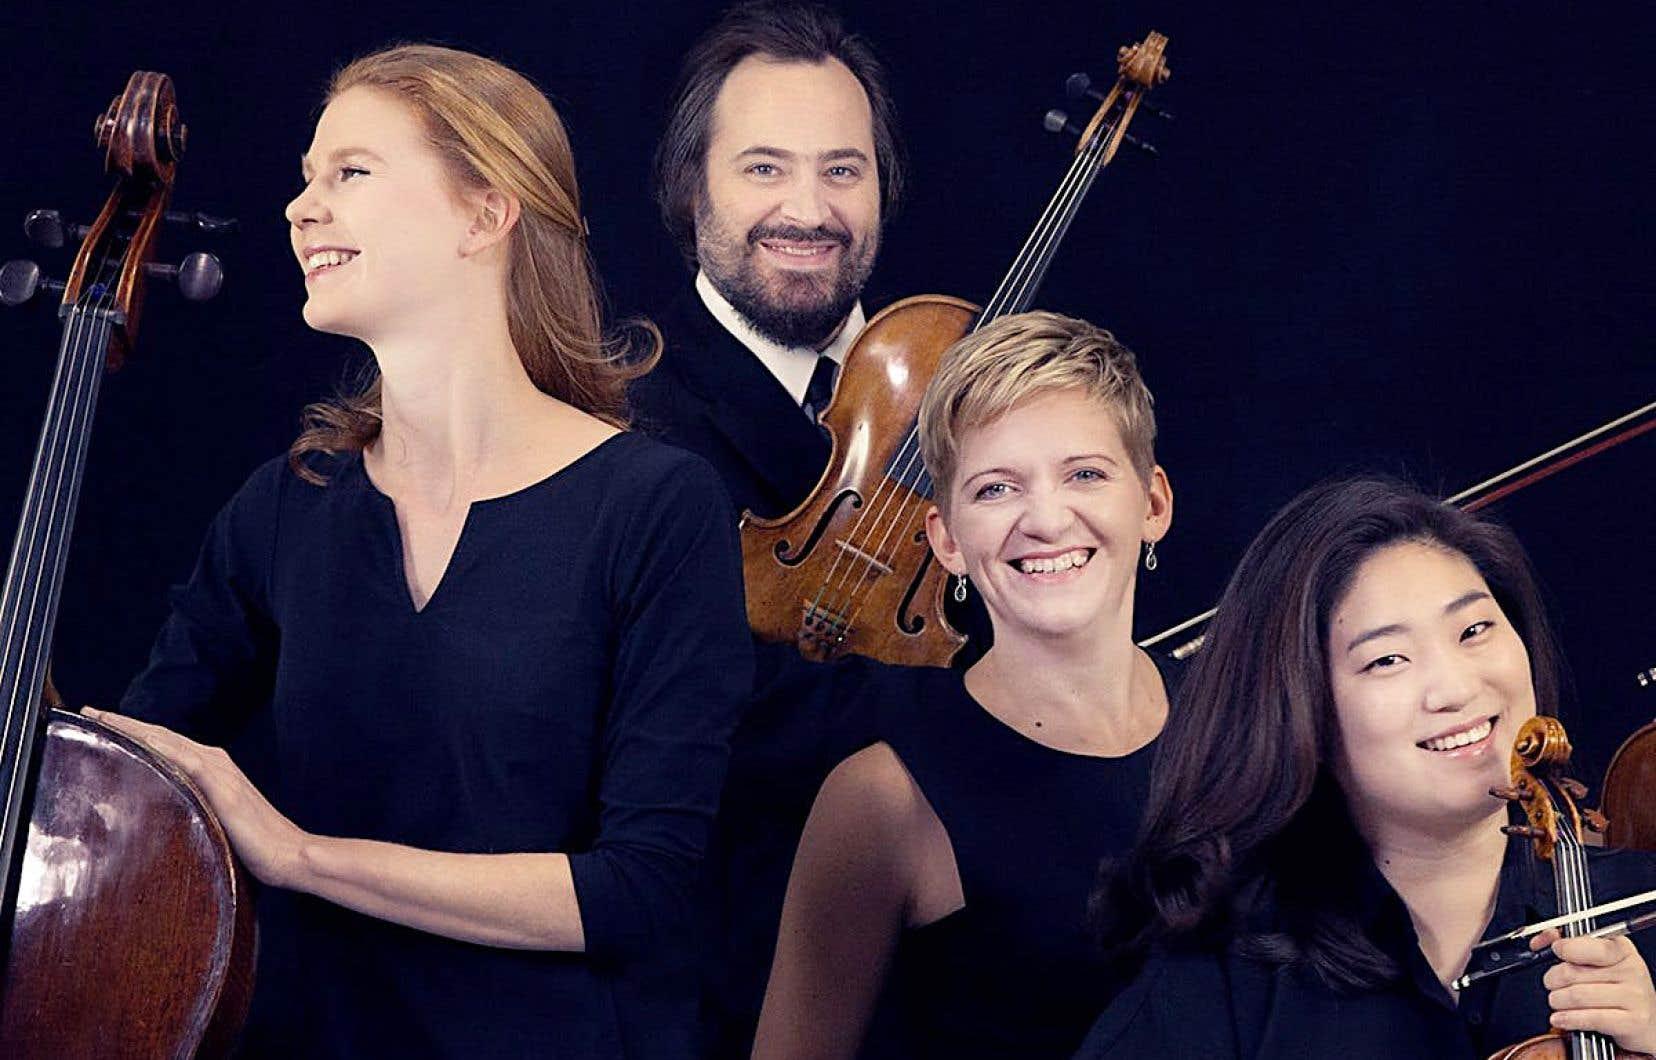 Le fameux Quatuor Artemis, l'un des quatuors dominants du dernier quart de siècle, a annoncé cette semaine la cessation de ses activités pour une période indéterminée.